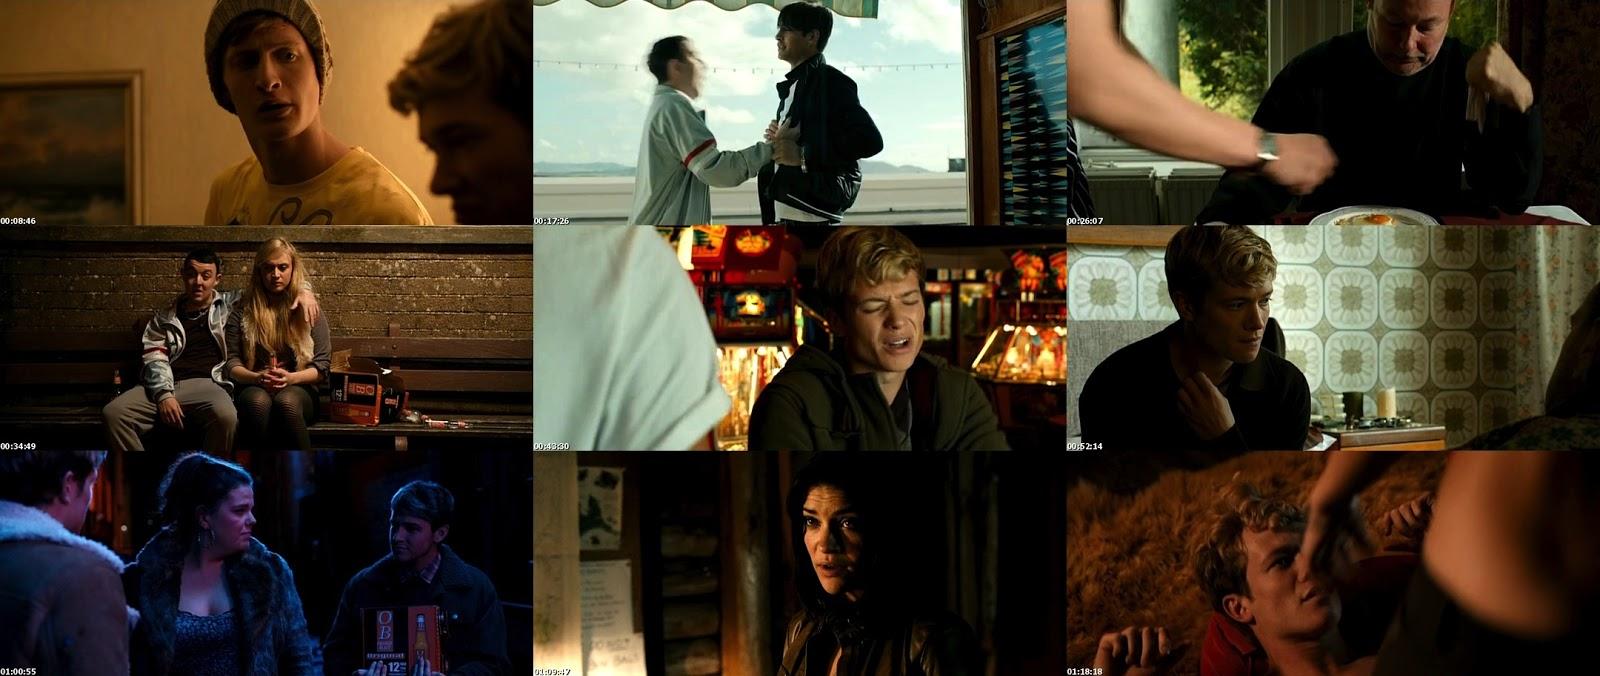 Love+Bite+(2012)+DVDRip+400MB+Hnmovies